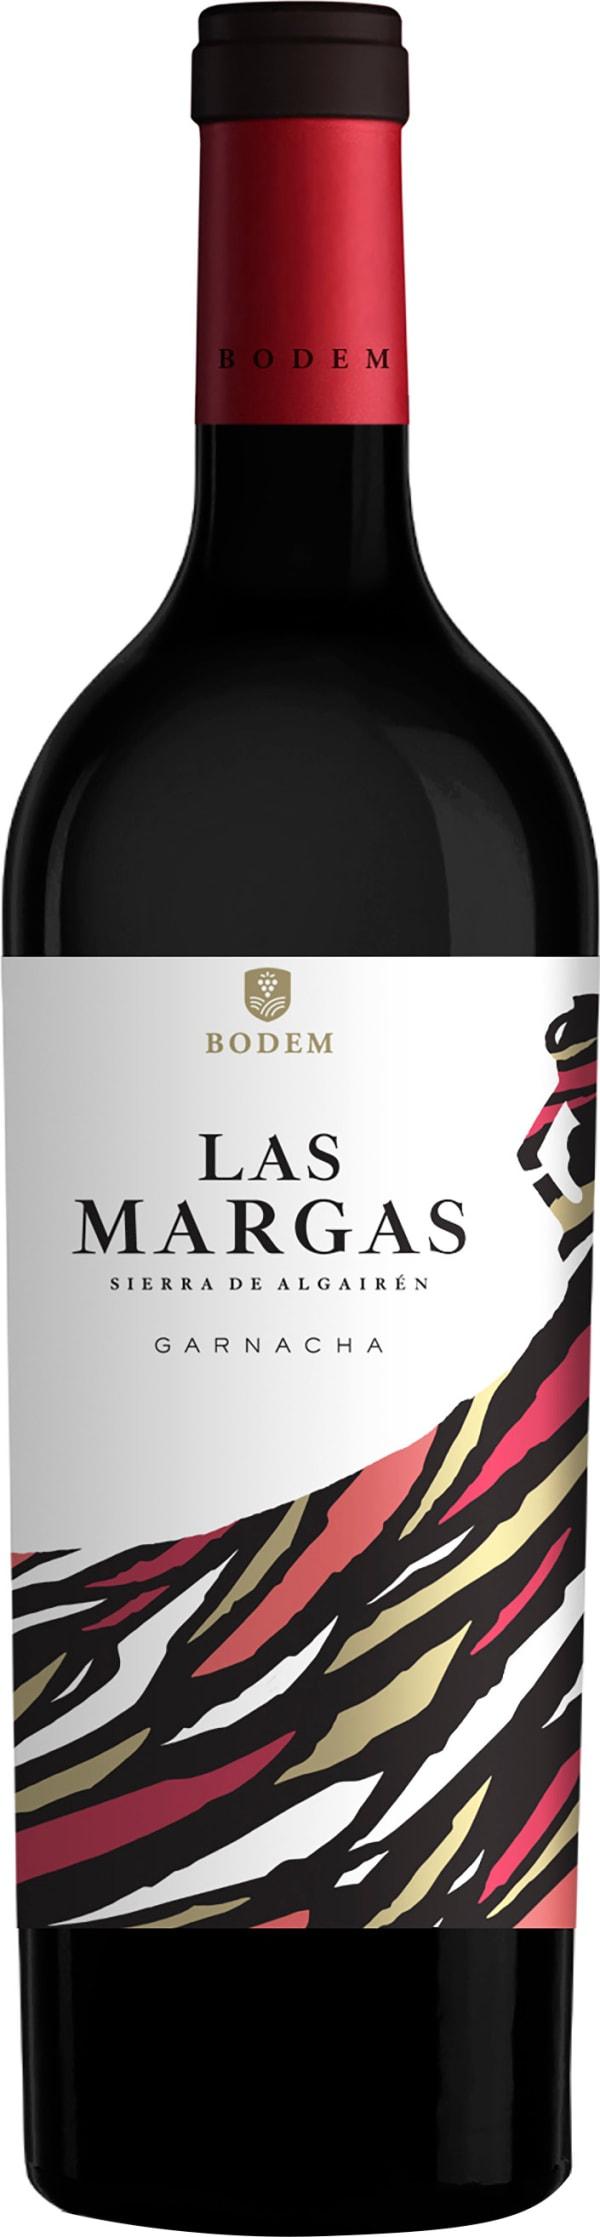 Bodem Las Margas Garnacha 2018